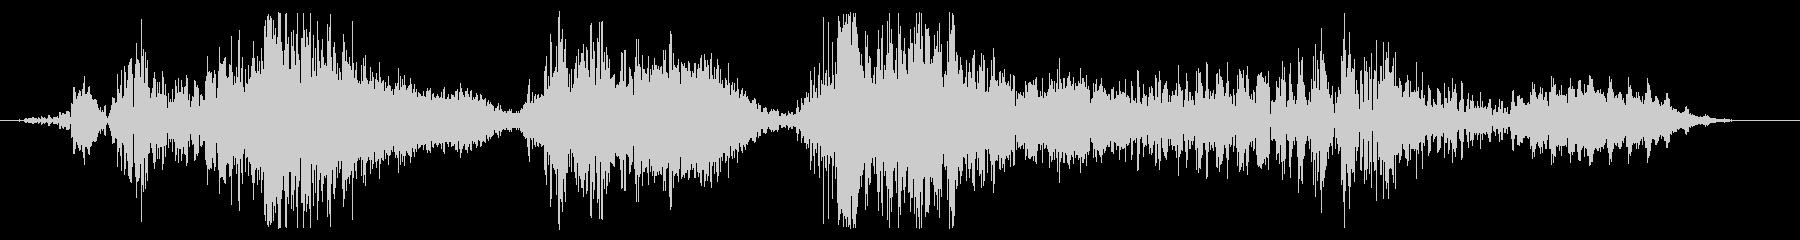 トランスフォーマーロボット:大:変...の未再生の波形